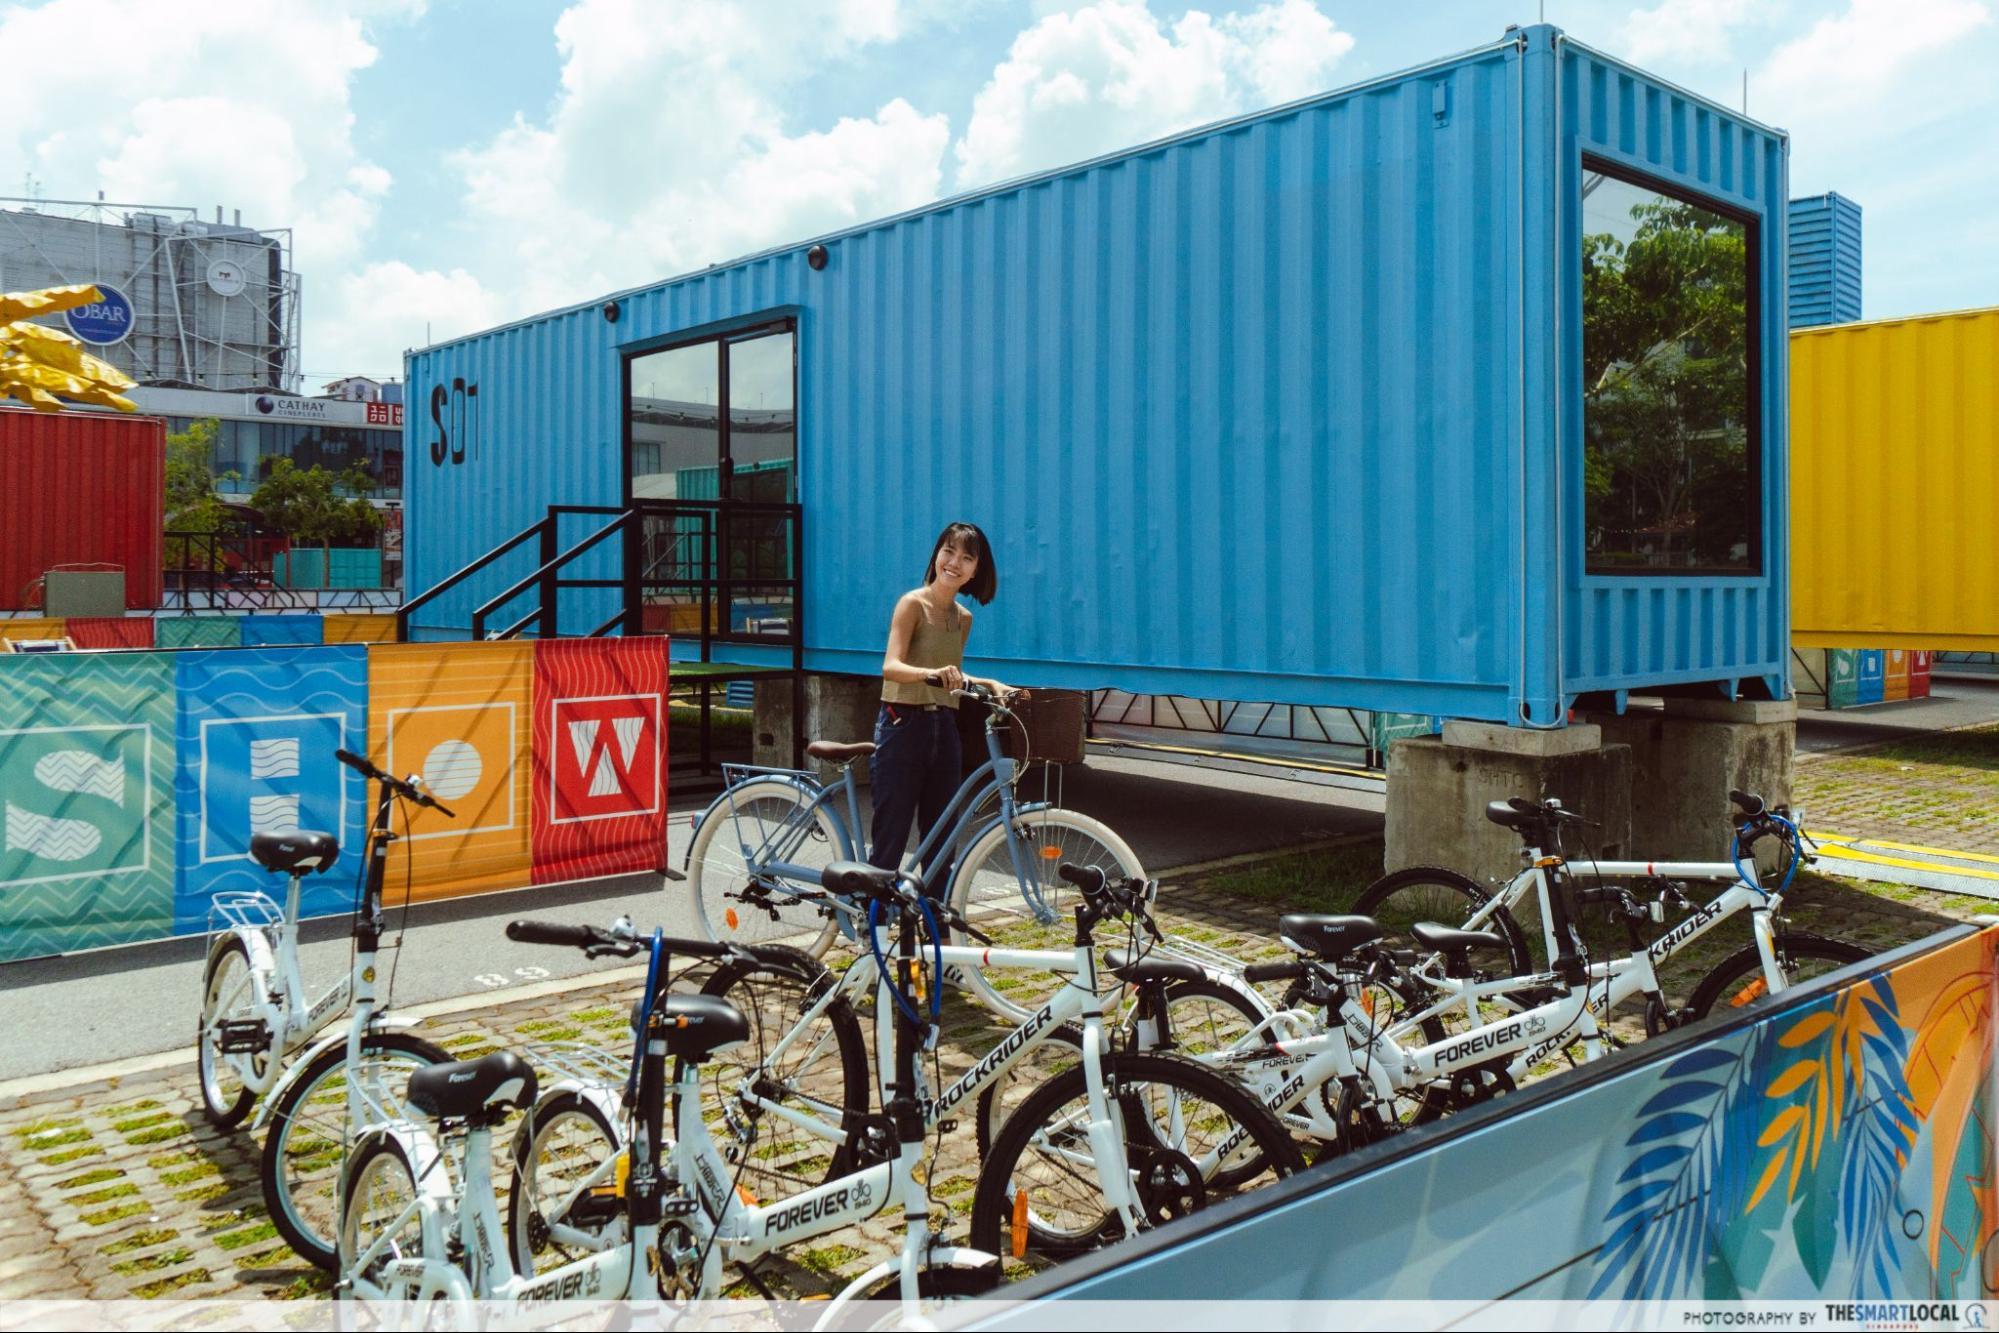 SG hotel on wheels - bike rental